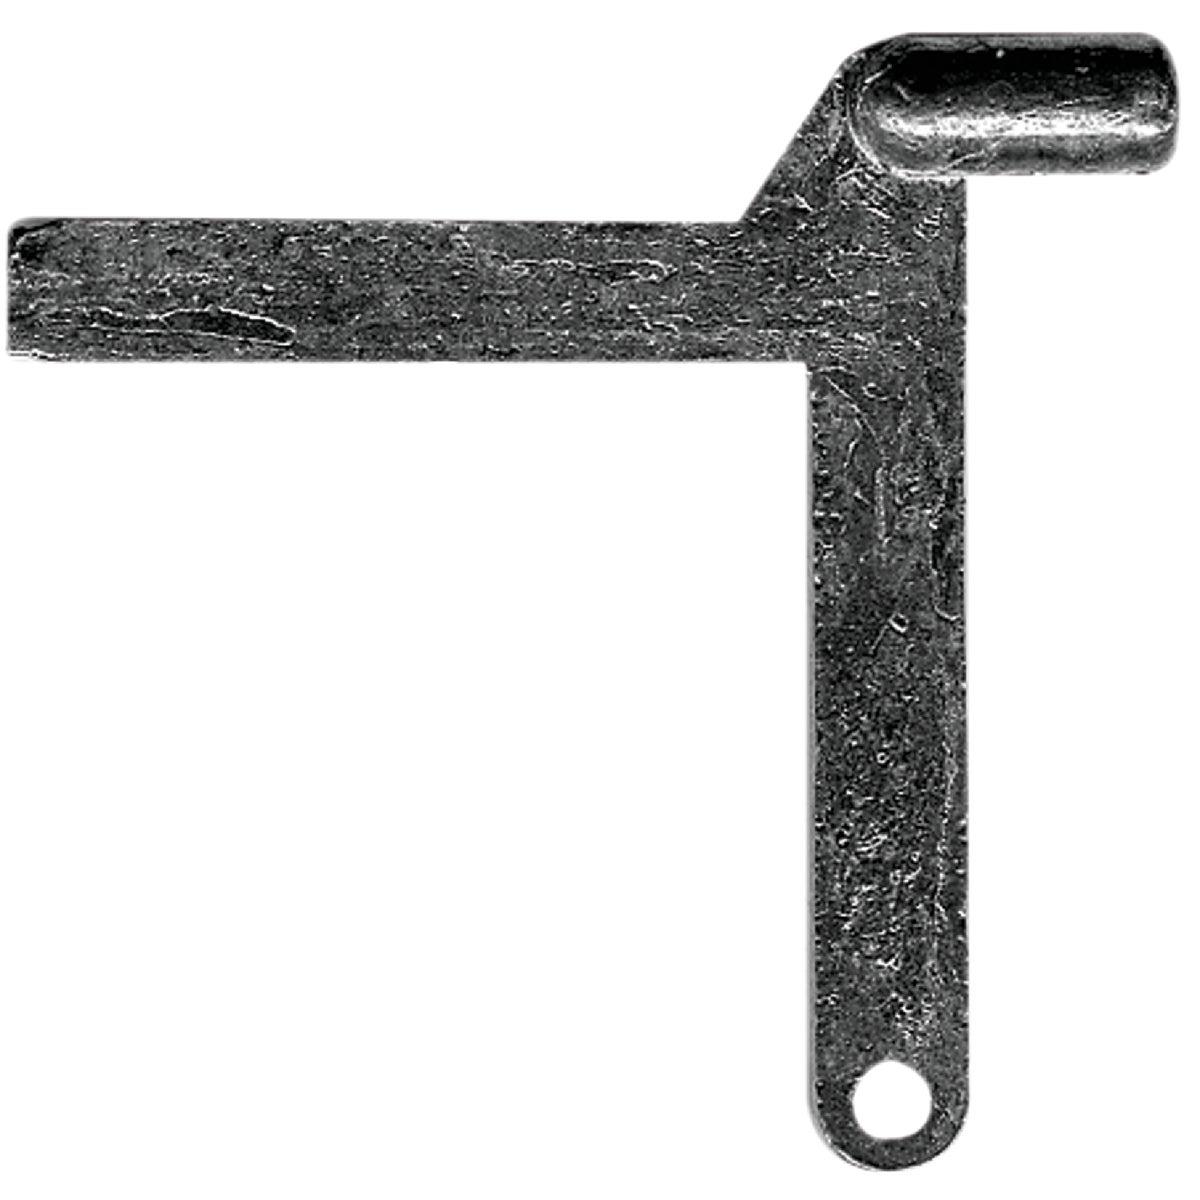 1/8X3/16 Rh Dcst Tlt Key